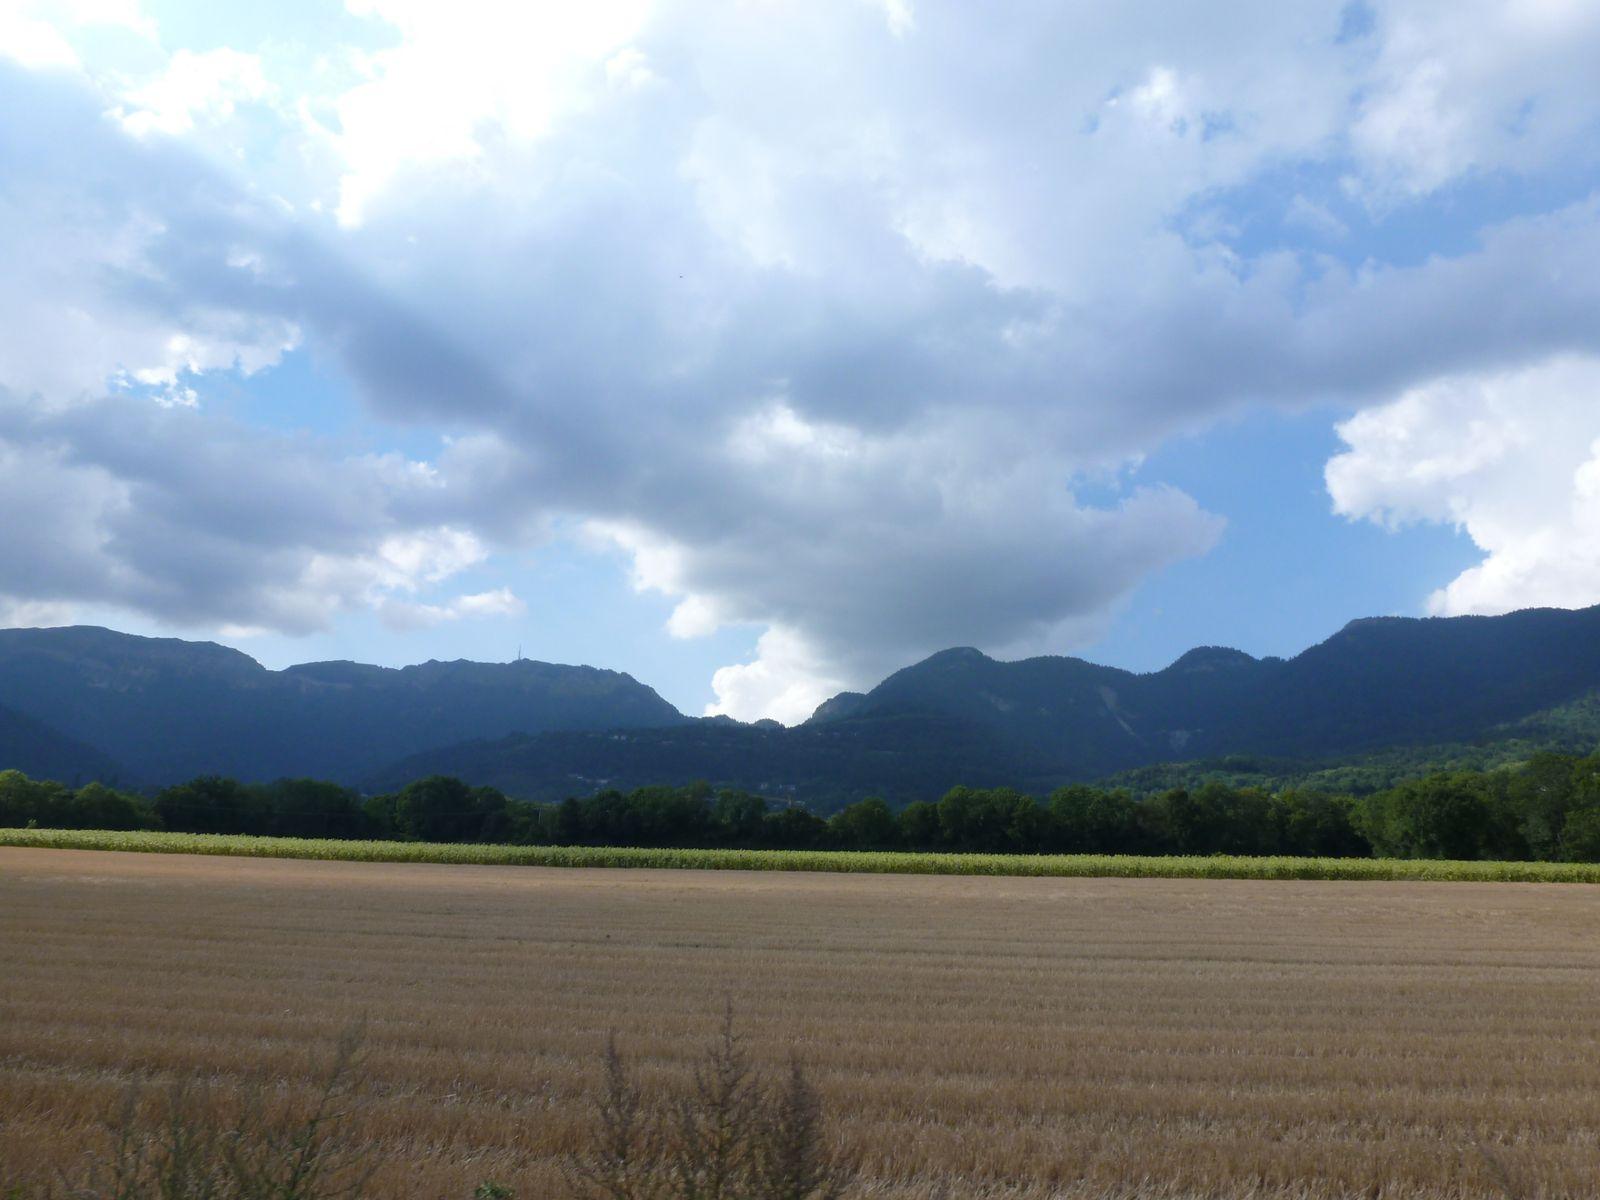 A la sortie de Gex... petit coup d'oeil vers le col de la Faucille sur ma gauche. Pris dans pas mal de nuages et de brume, un peu à l'image de la météo des 2 jours passés...